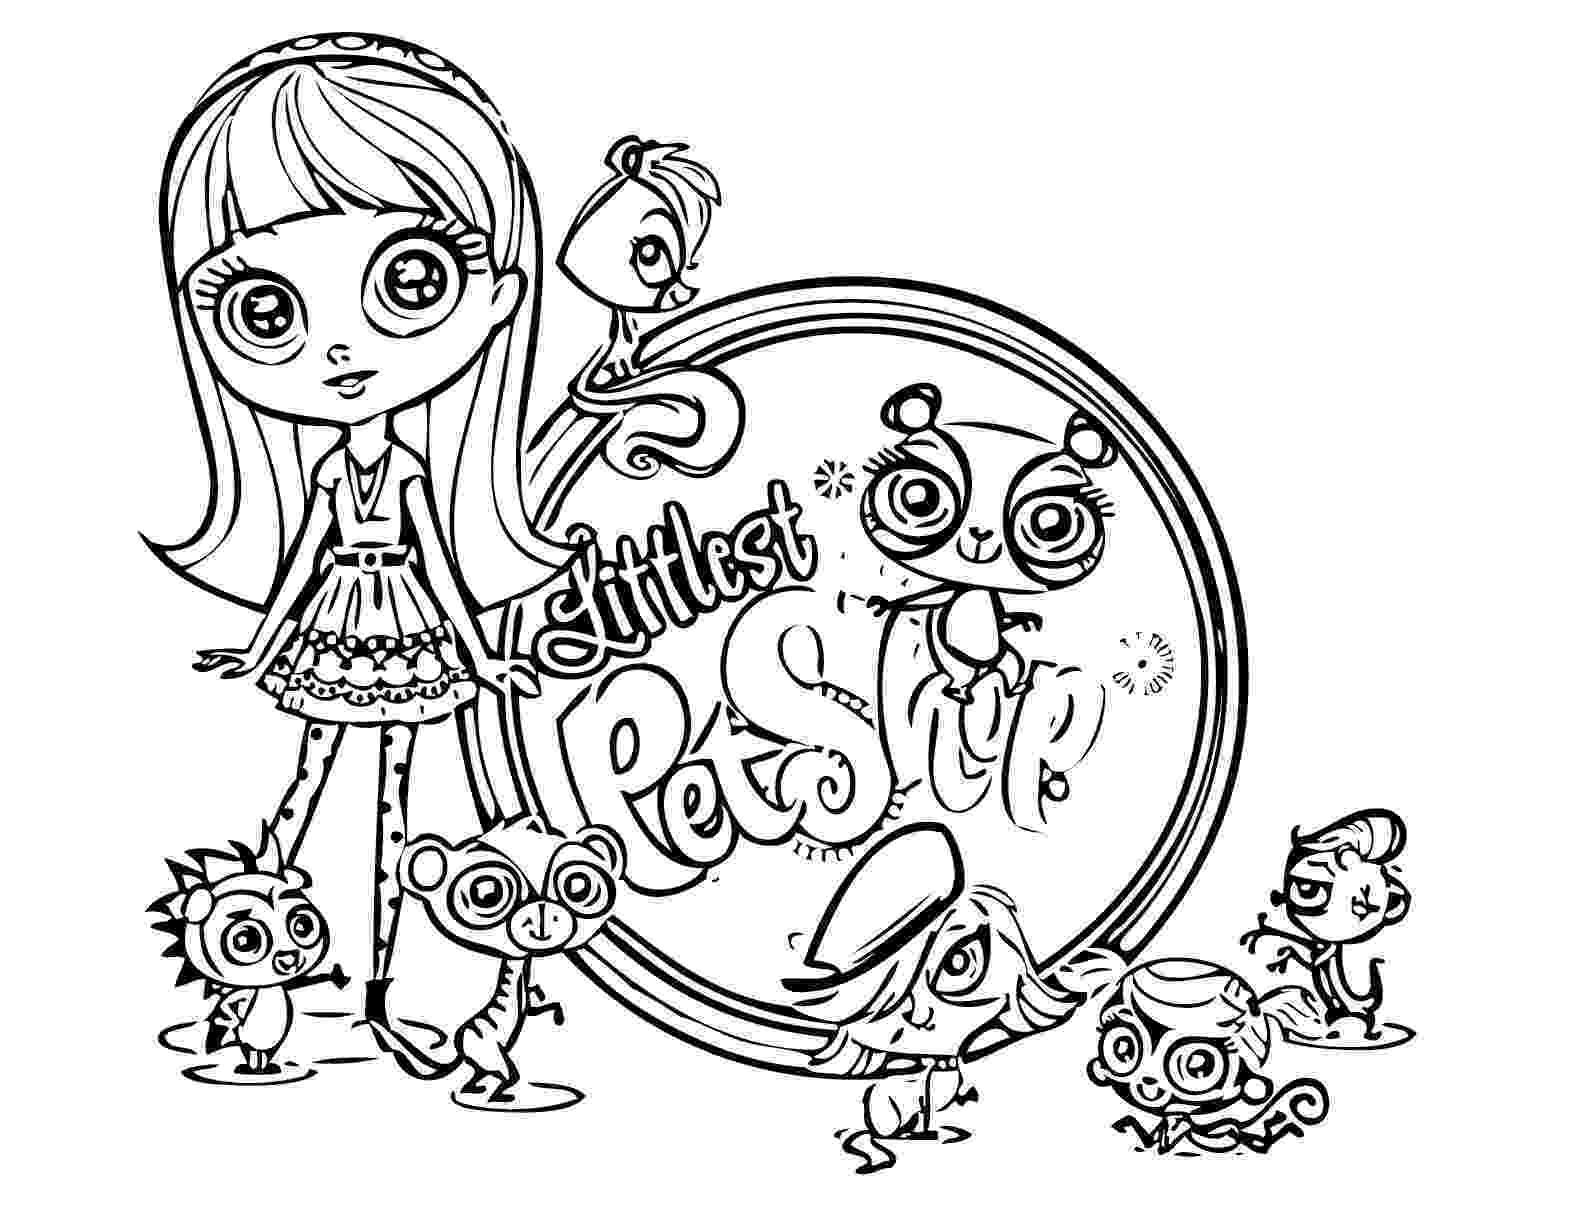 littlest pet shop coloring pages littlest pet shops coloring page for my kids coloring shop pages littlest pet